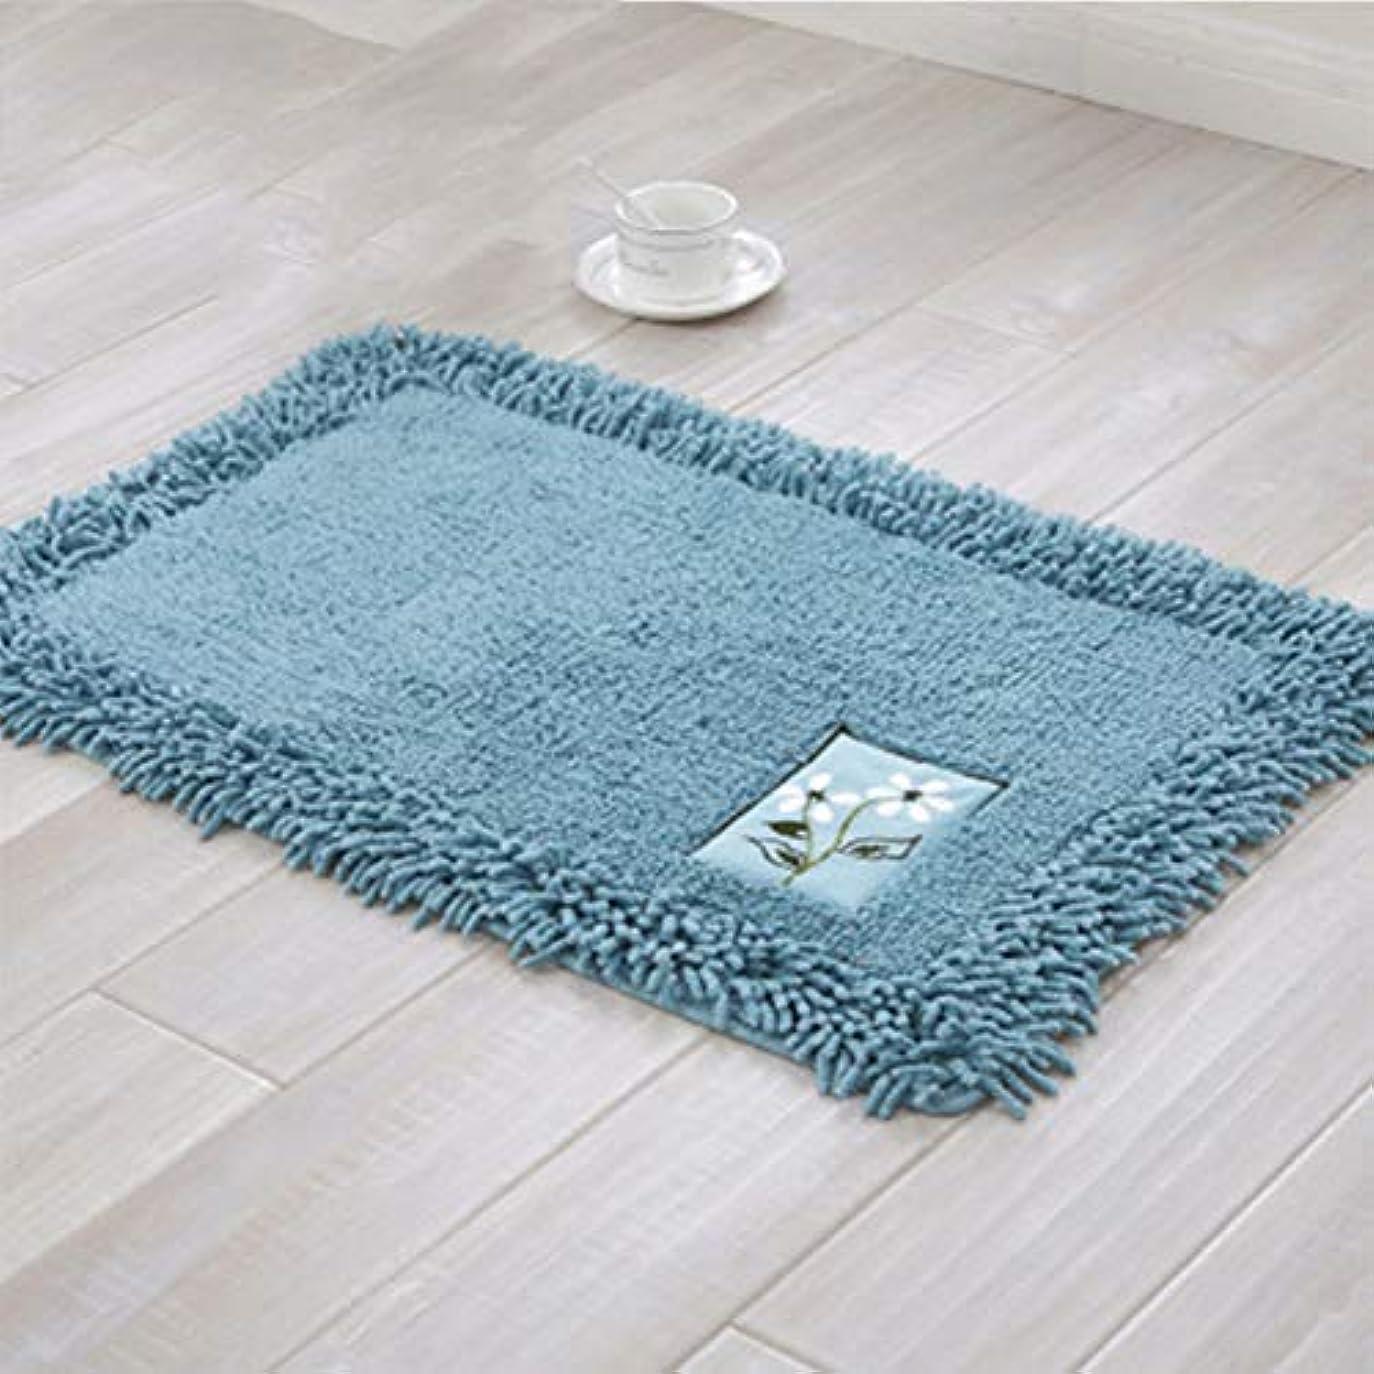 浴室の敷物のマットの超柔らかいおよび吸水性の浴室の敷物、浴室の居間および洗濯部屋のための機械洗浄の乾燥したプラシ天の浴室のマット,B,60X90CM